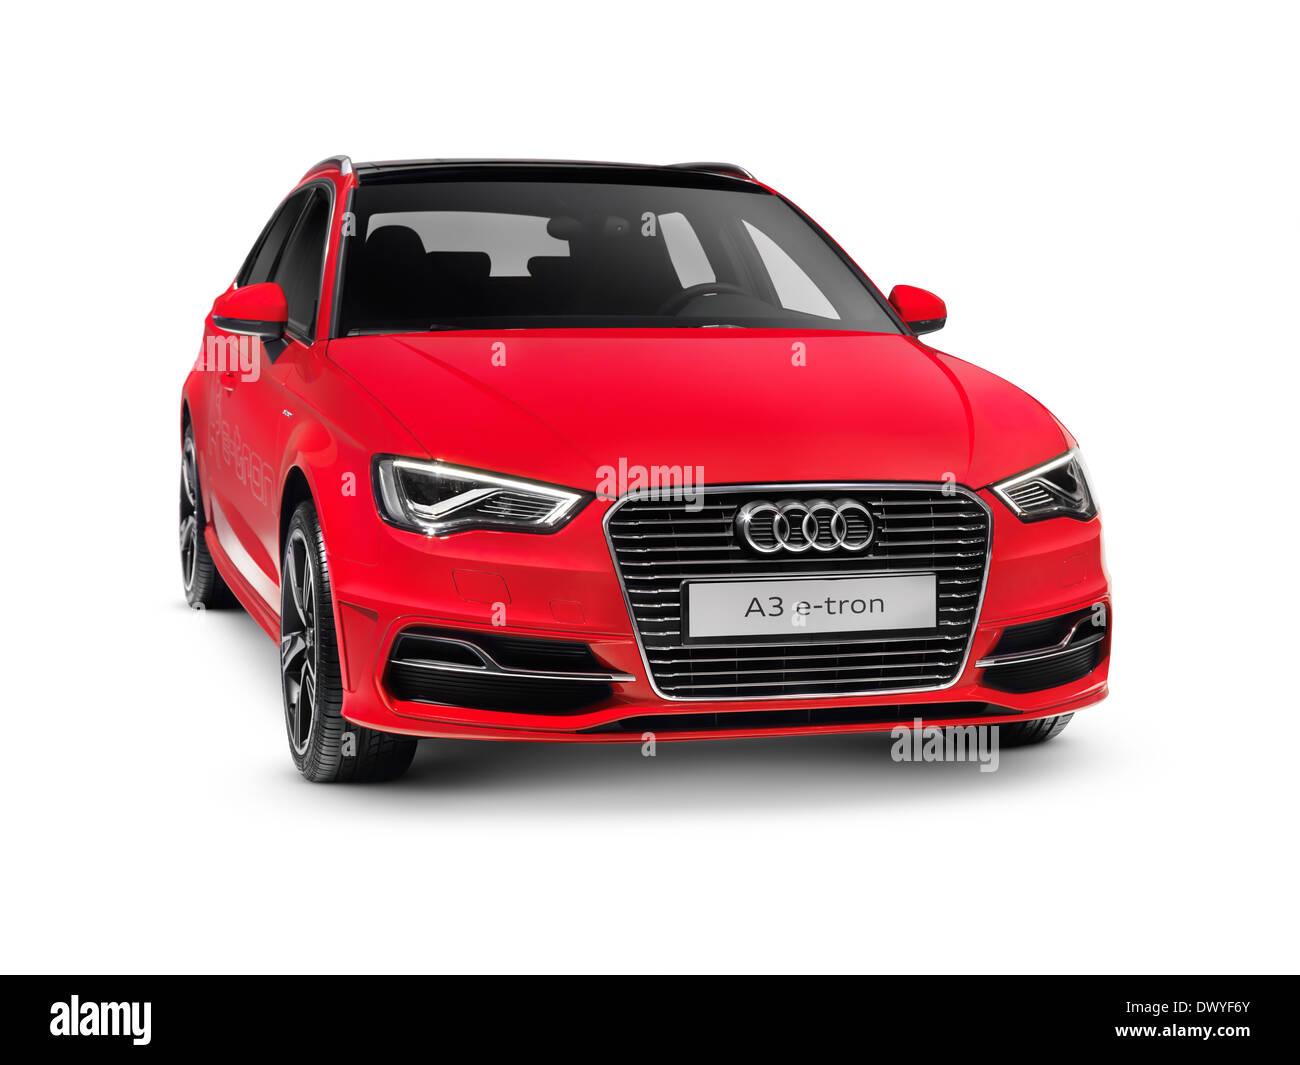 Red 2015 Audi A3 Sportback e-tron plug-in vettura ibrida. Isolato su sfondo bianco con percorso di clipping. Immagini Stock